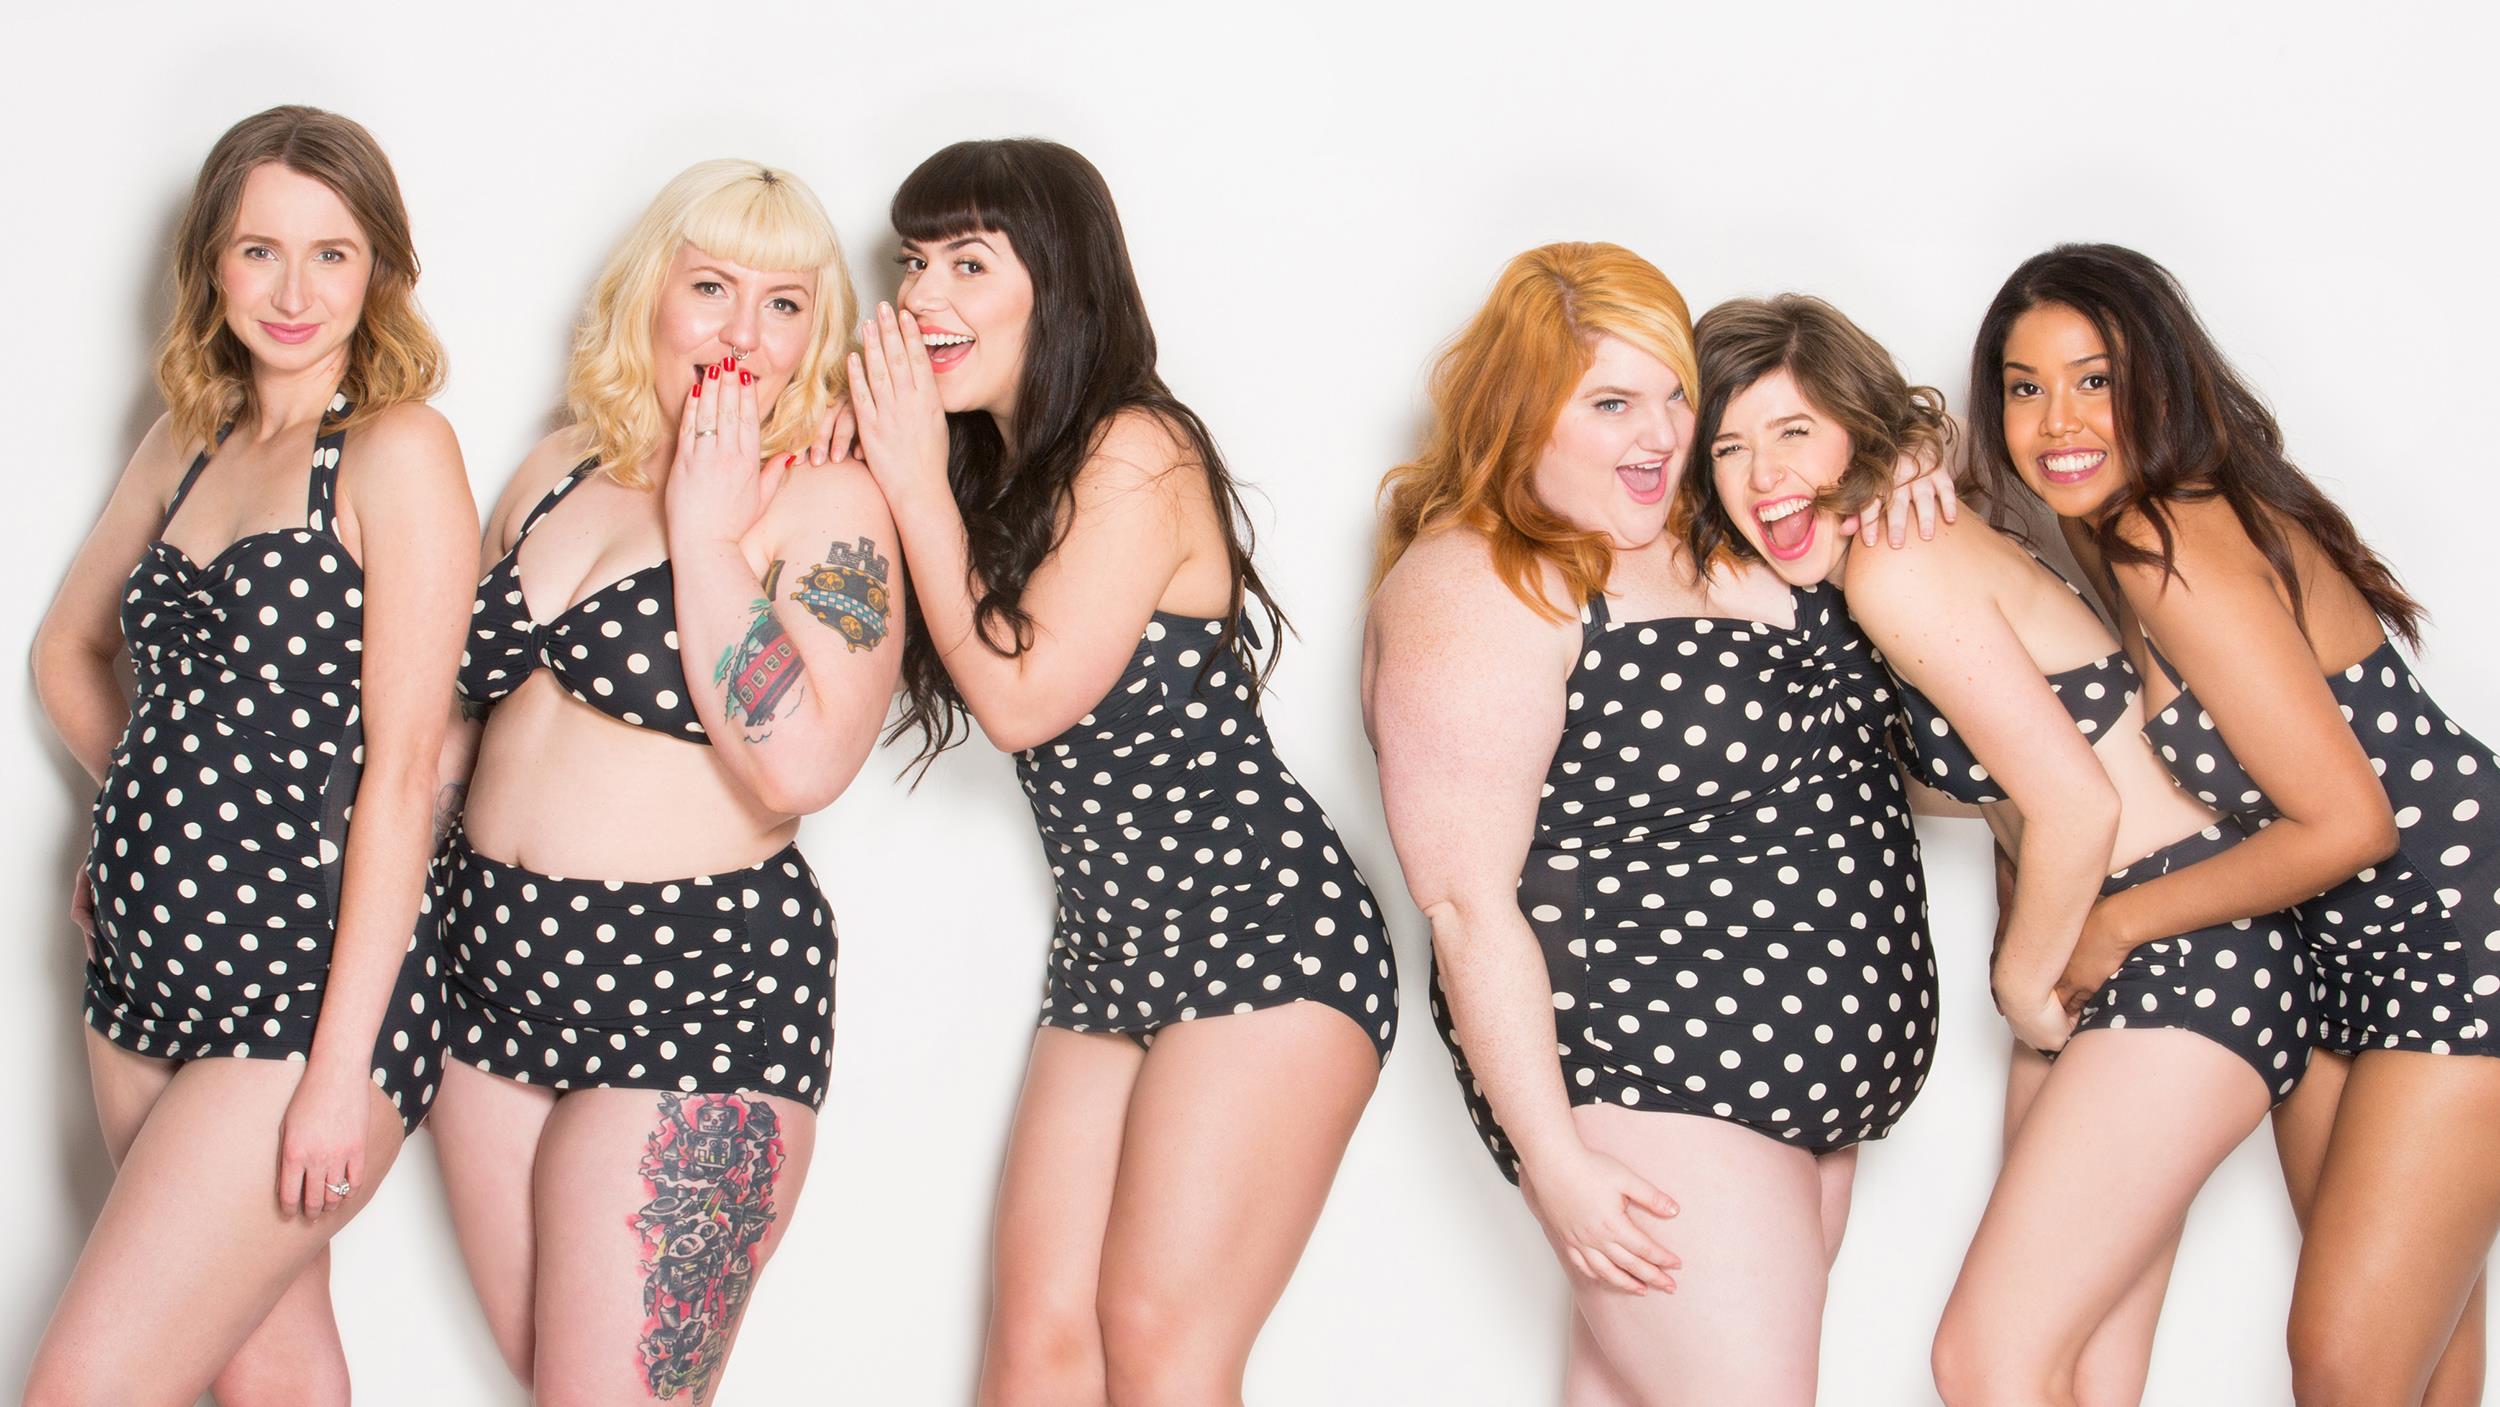 Анти-Victoria's Secret: новая рекламная кампания ModCloth's